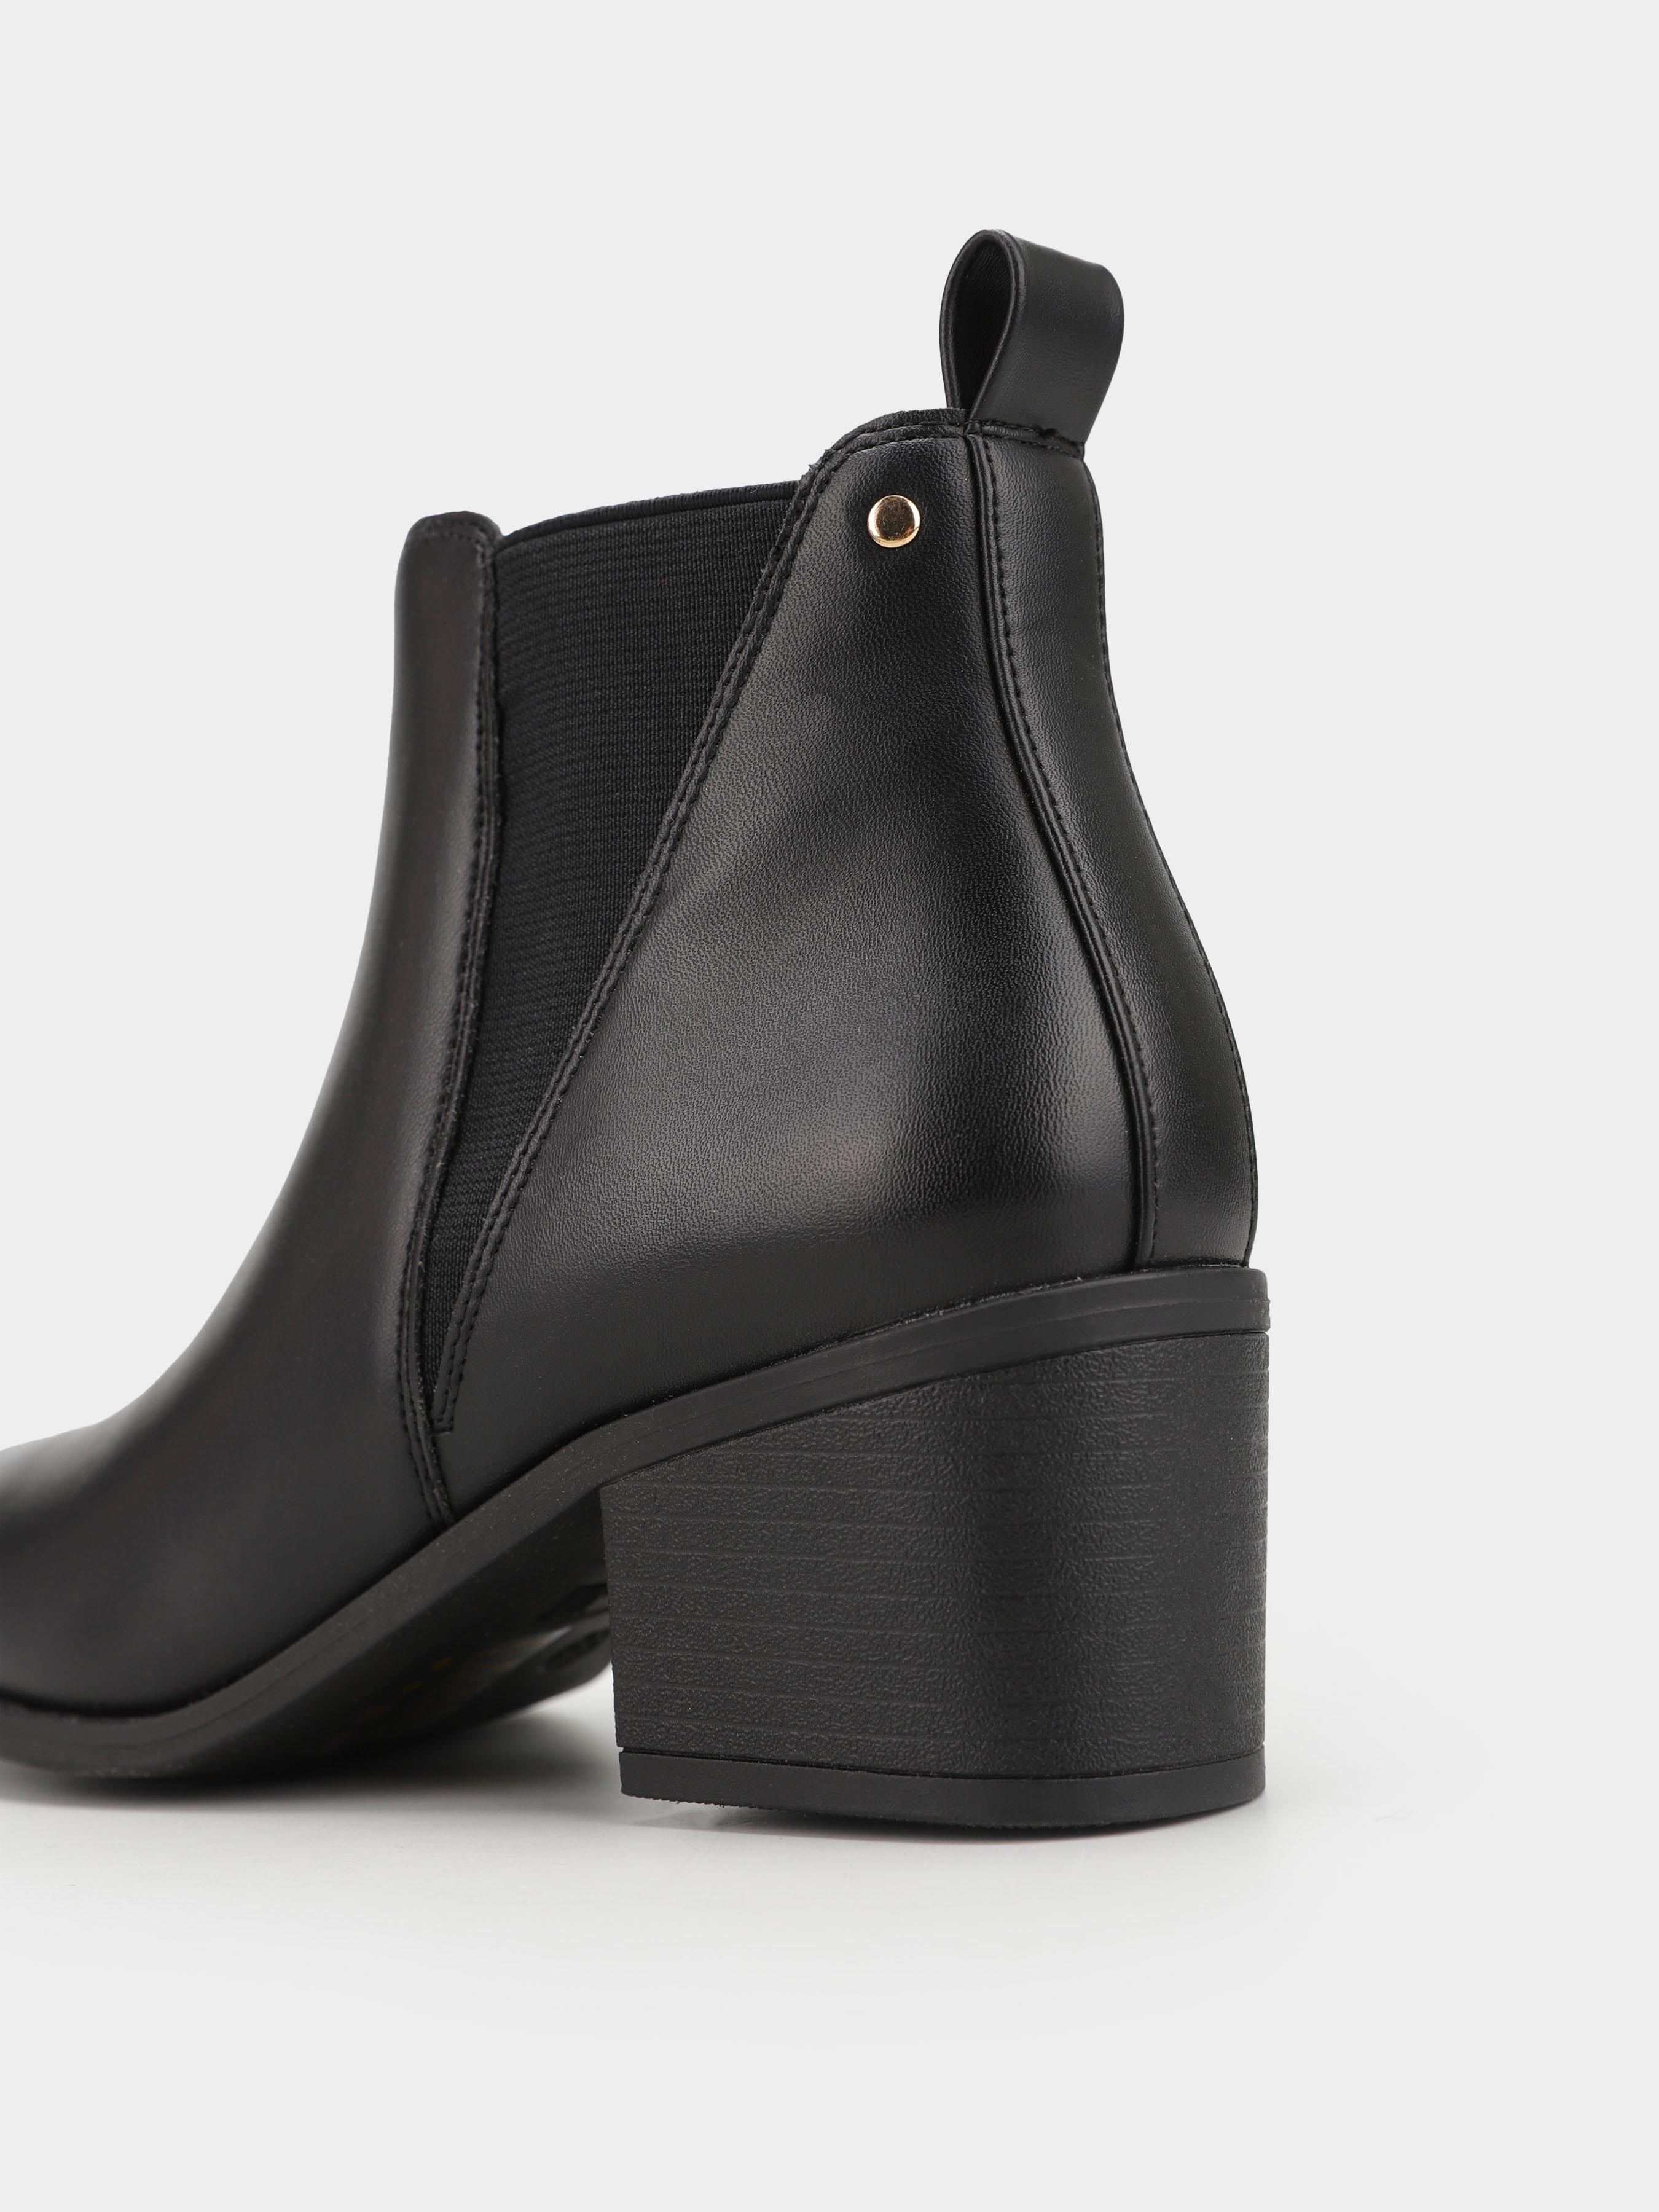 Ботинки для женщин M Wone OI134 купить в Интертоп, 2017